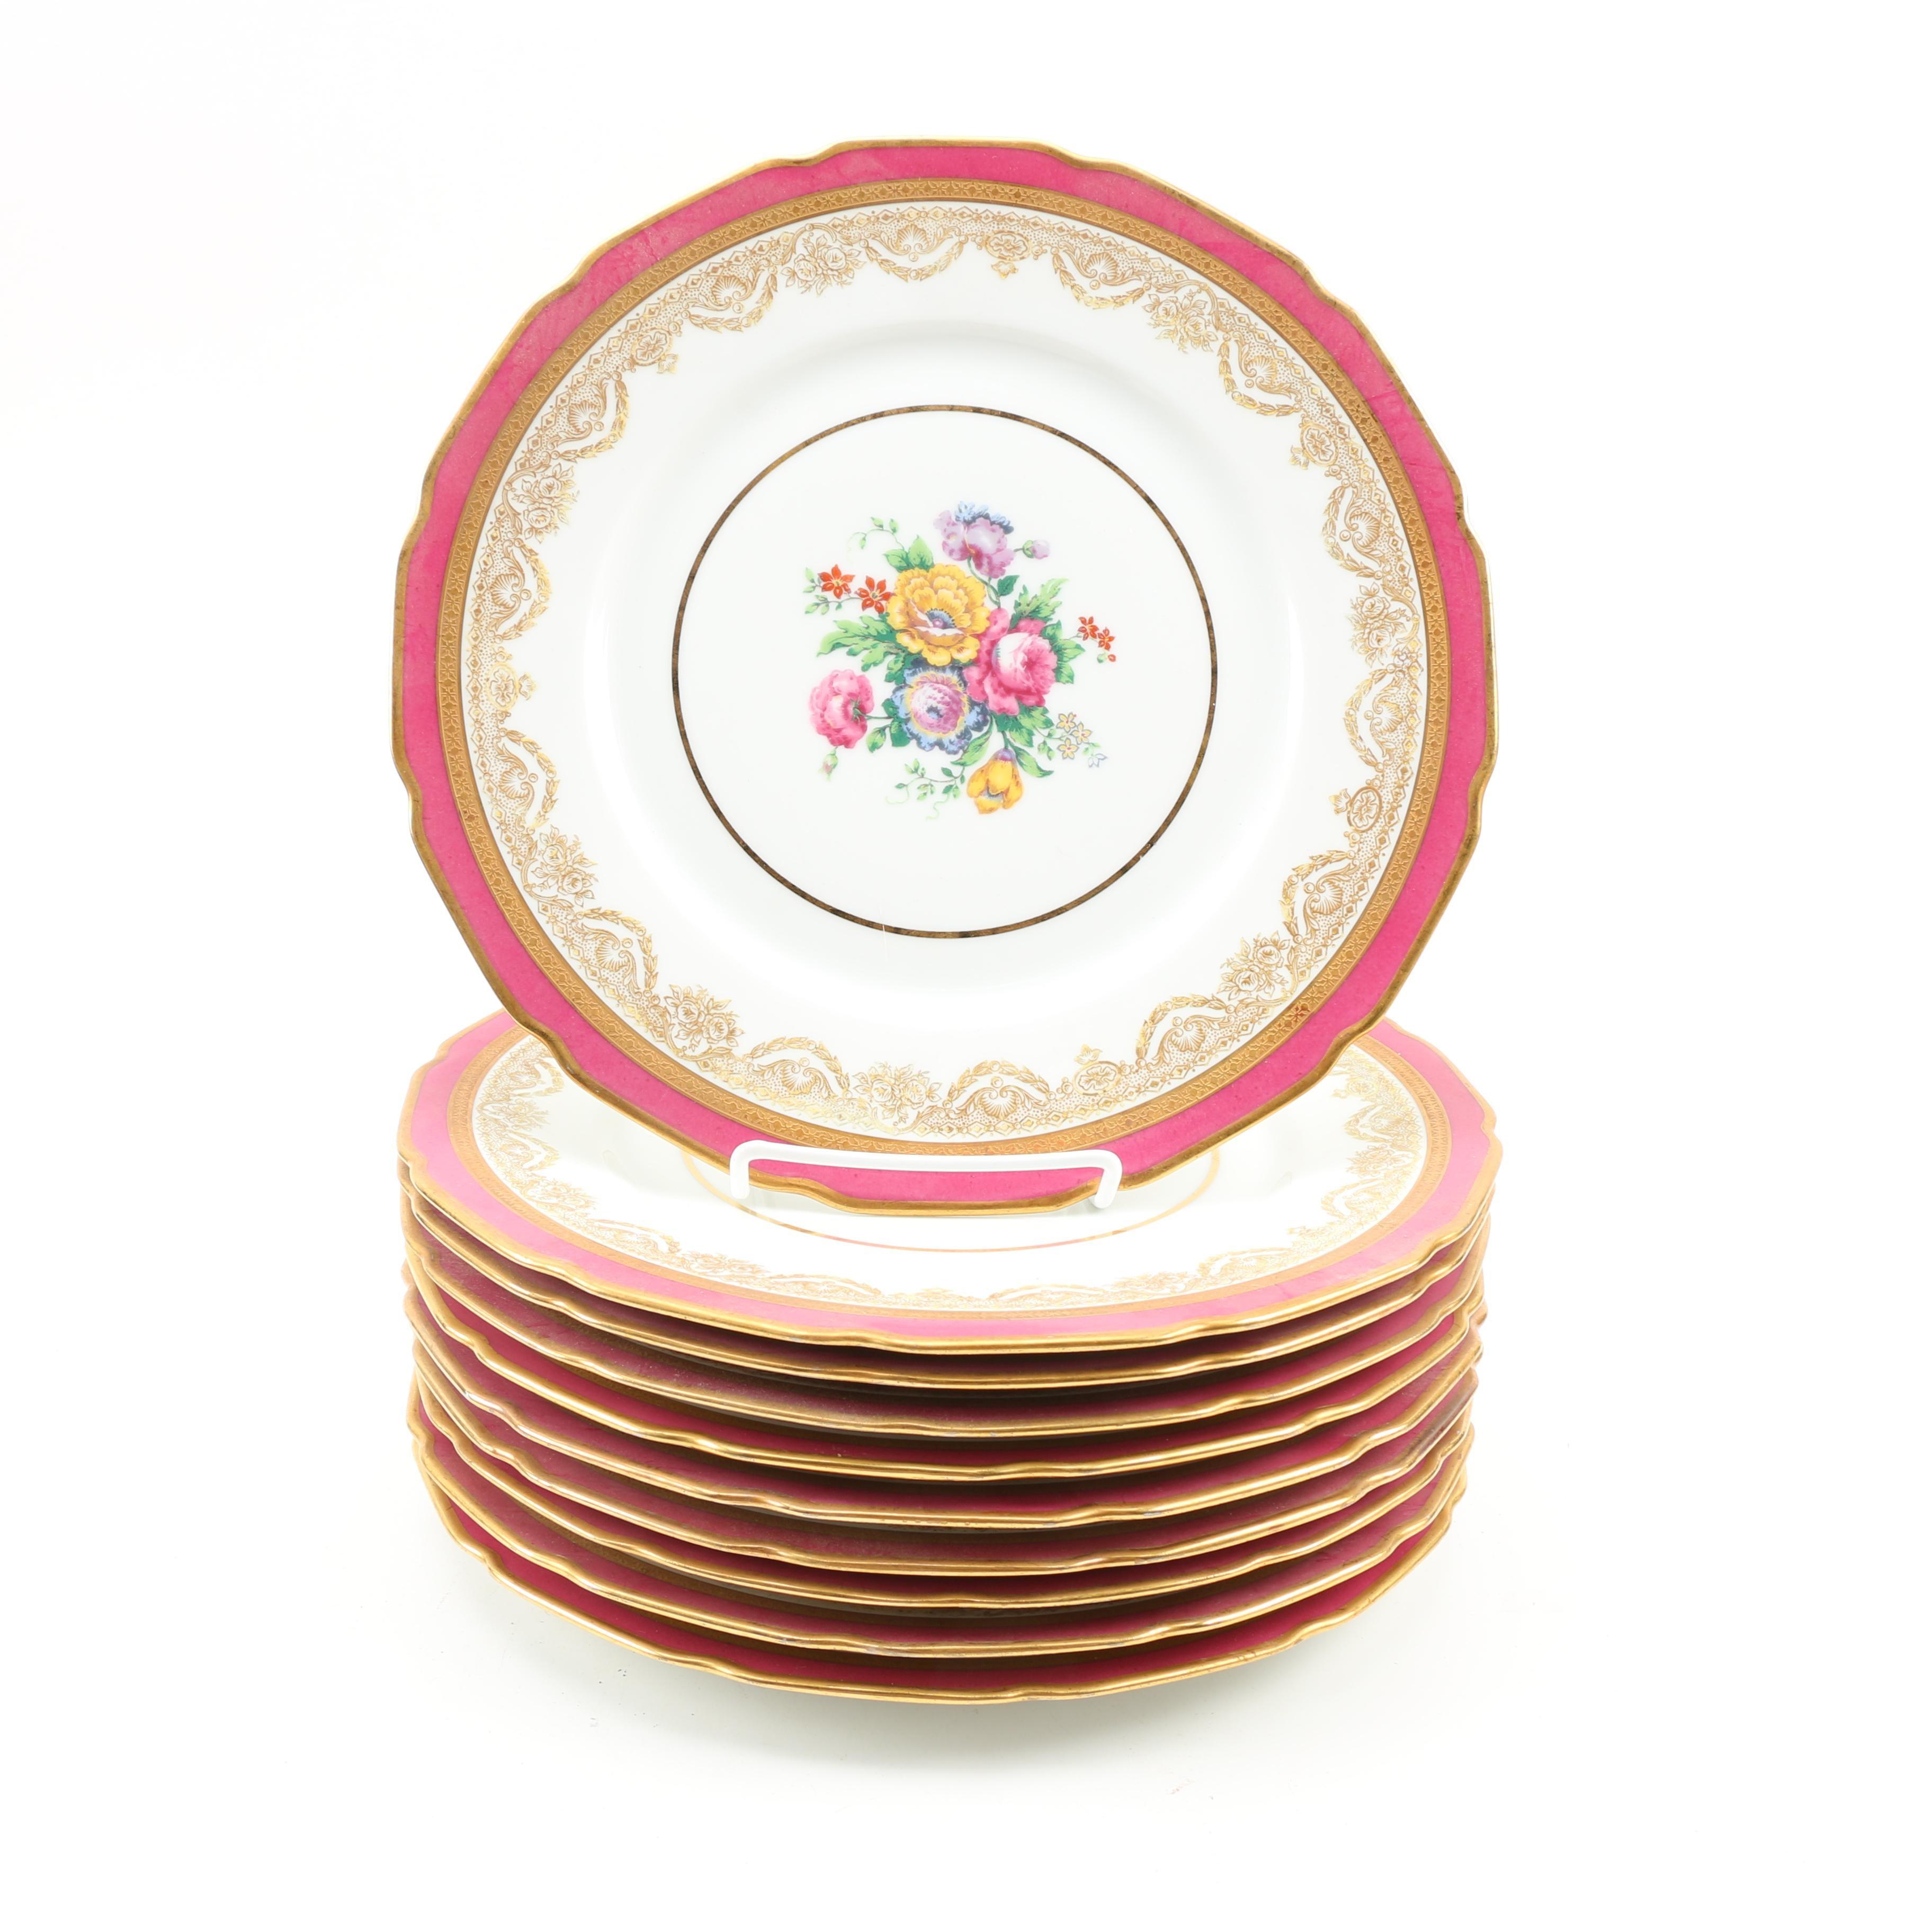 La Cloche Limoges Dinner Plates ...  sc 1 st  EBTH.com & La Cloche Limoges Dinner Plates : EBTH